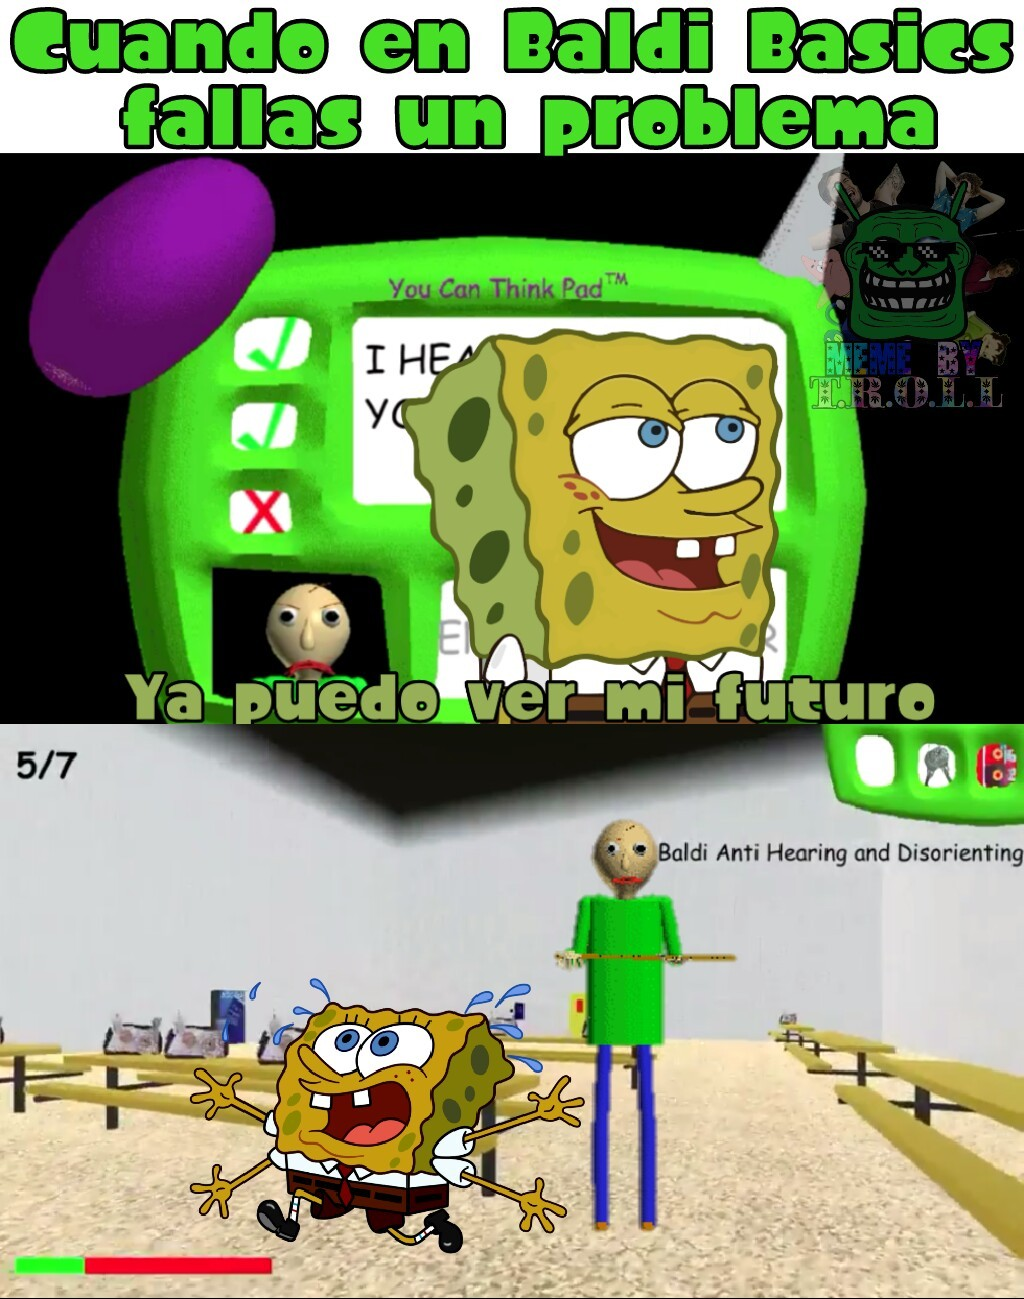 El juego mas extraño de terror D: - meme